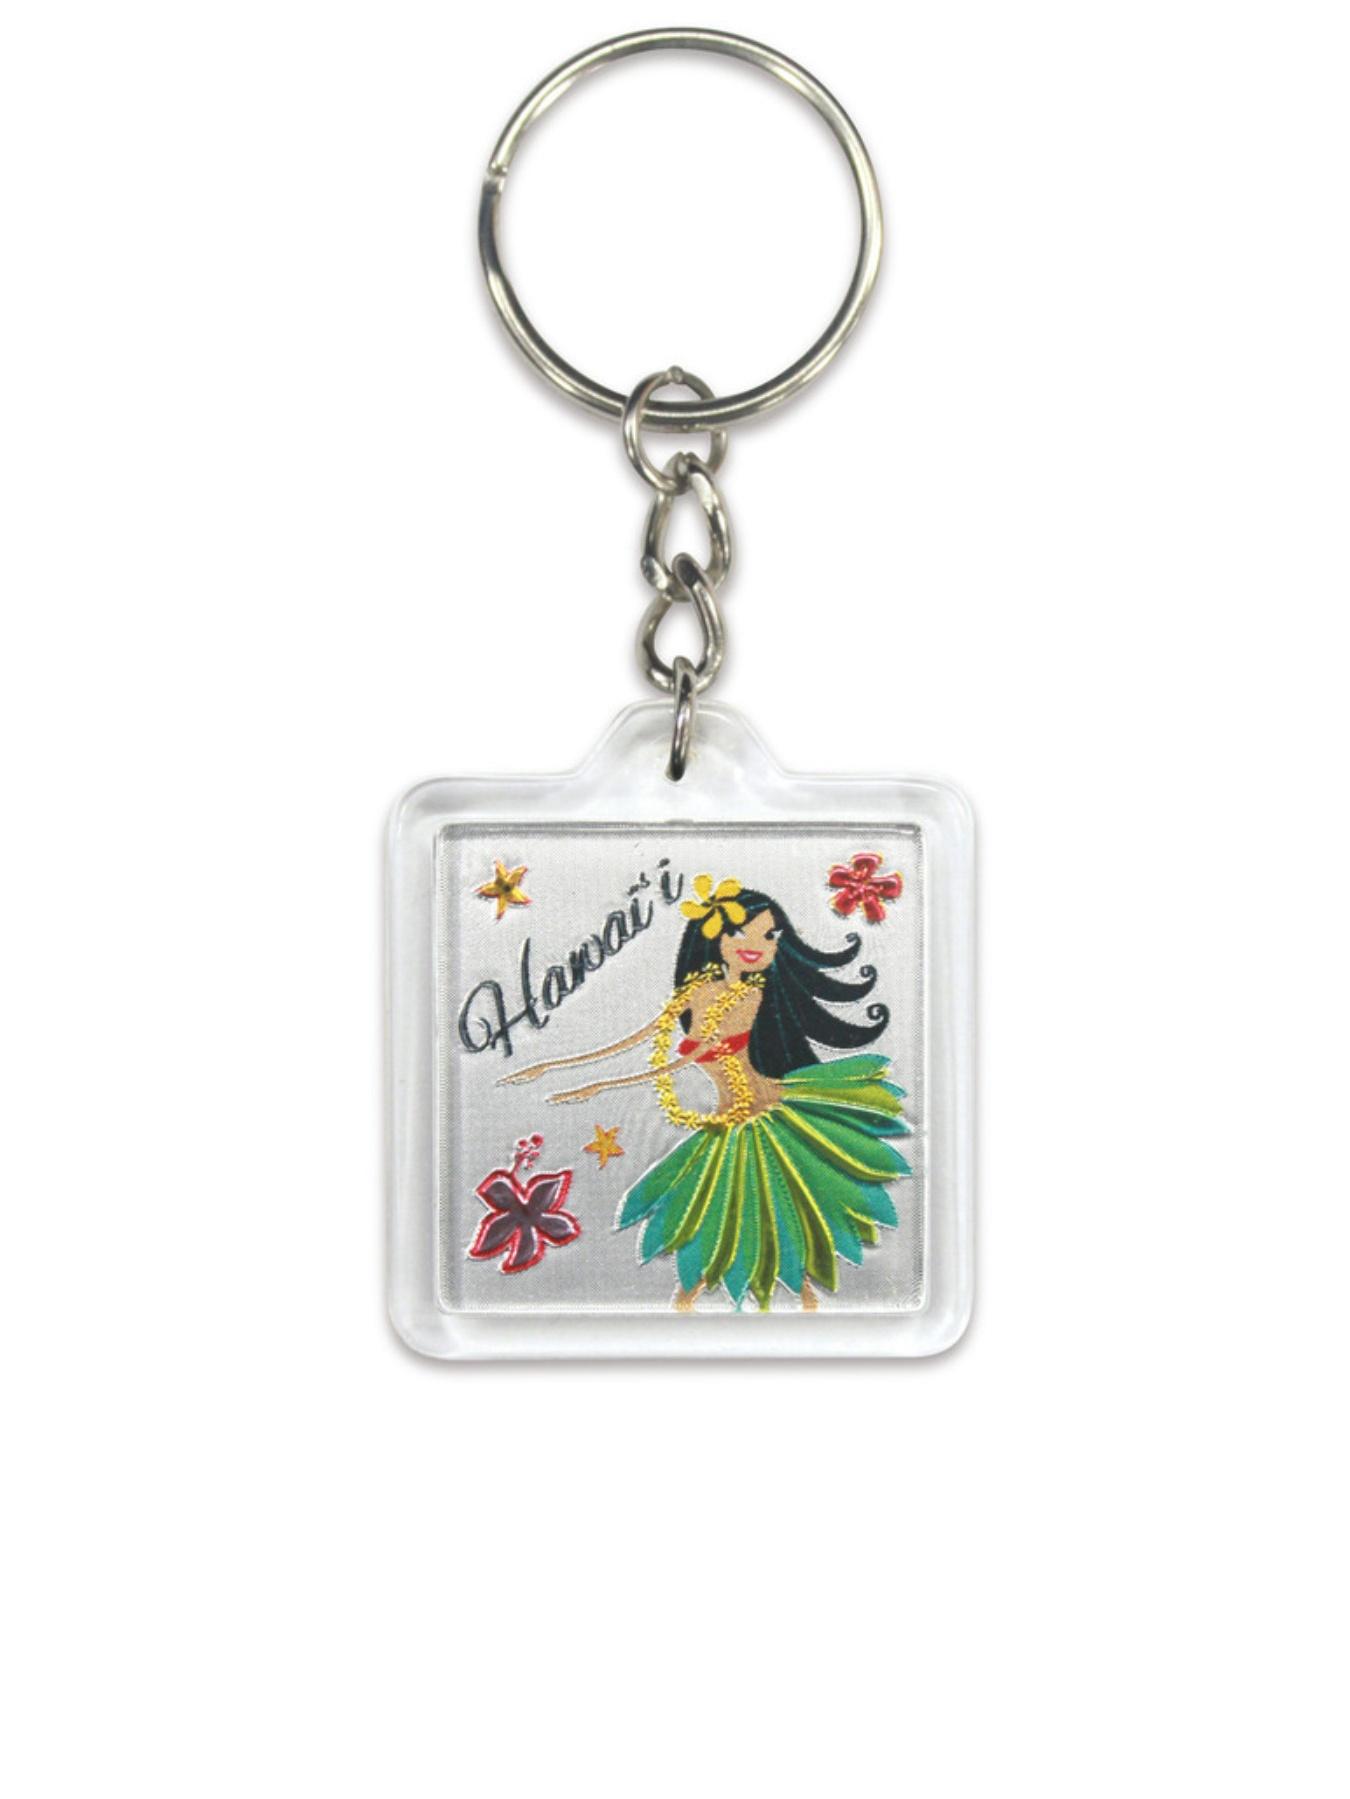 Hawaii Acrylic Foil Keychain Island Hula Honeys